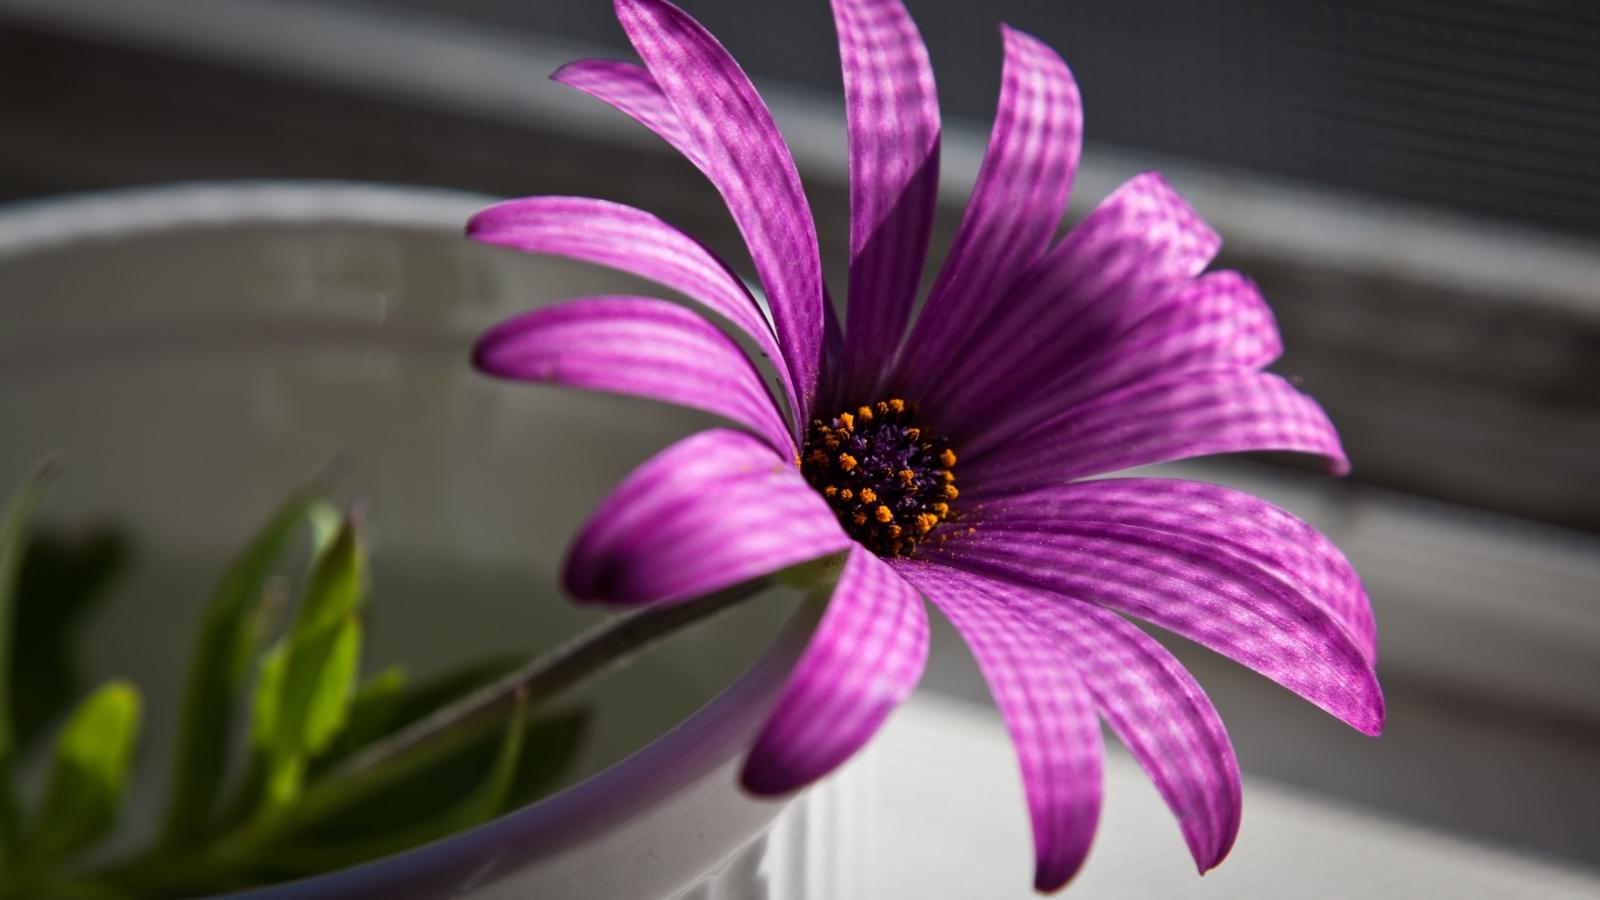 Flor purpura - 1600x900